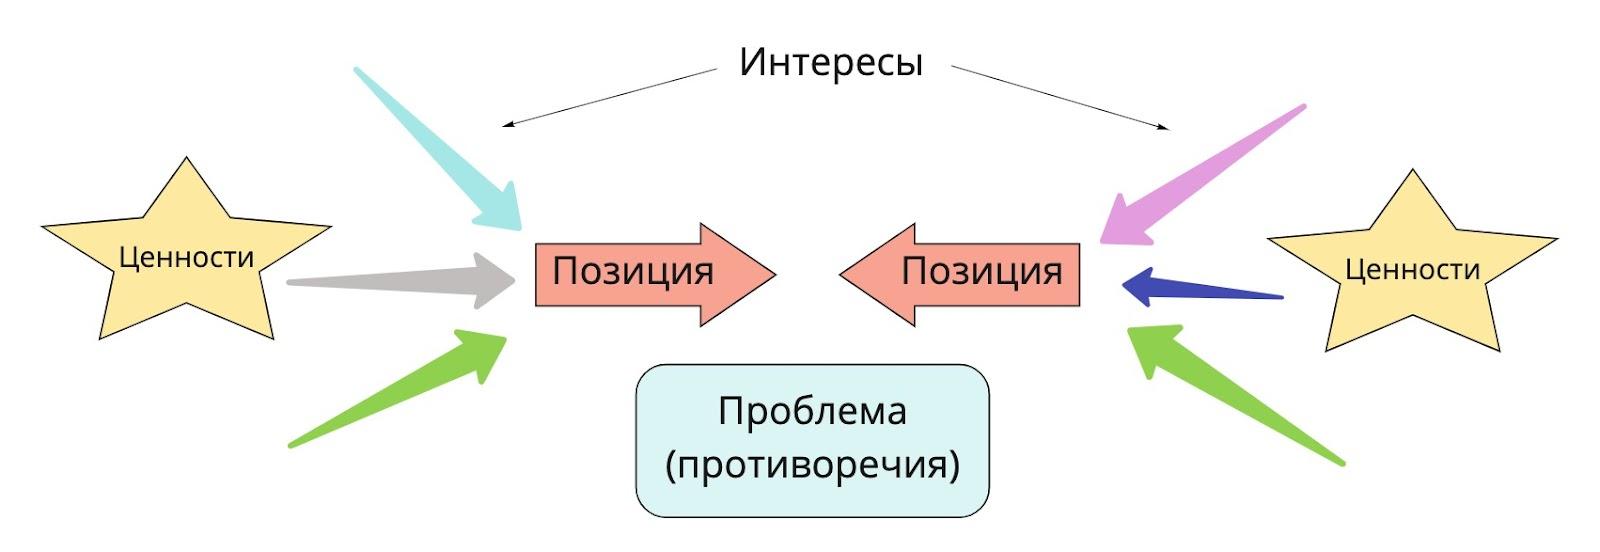 Соотношение позиций и интересов в конфликте